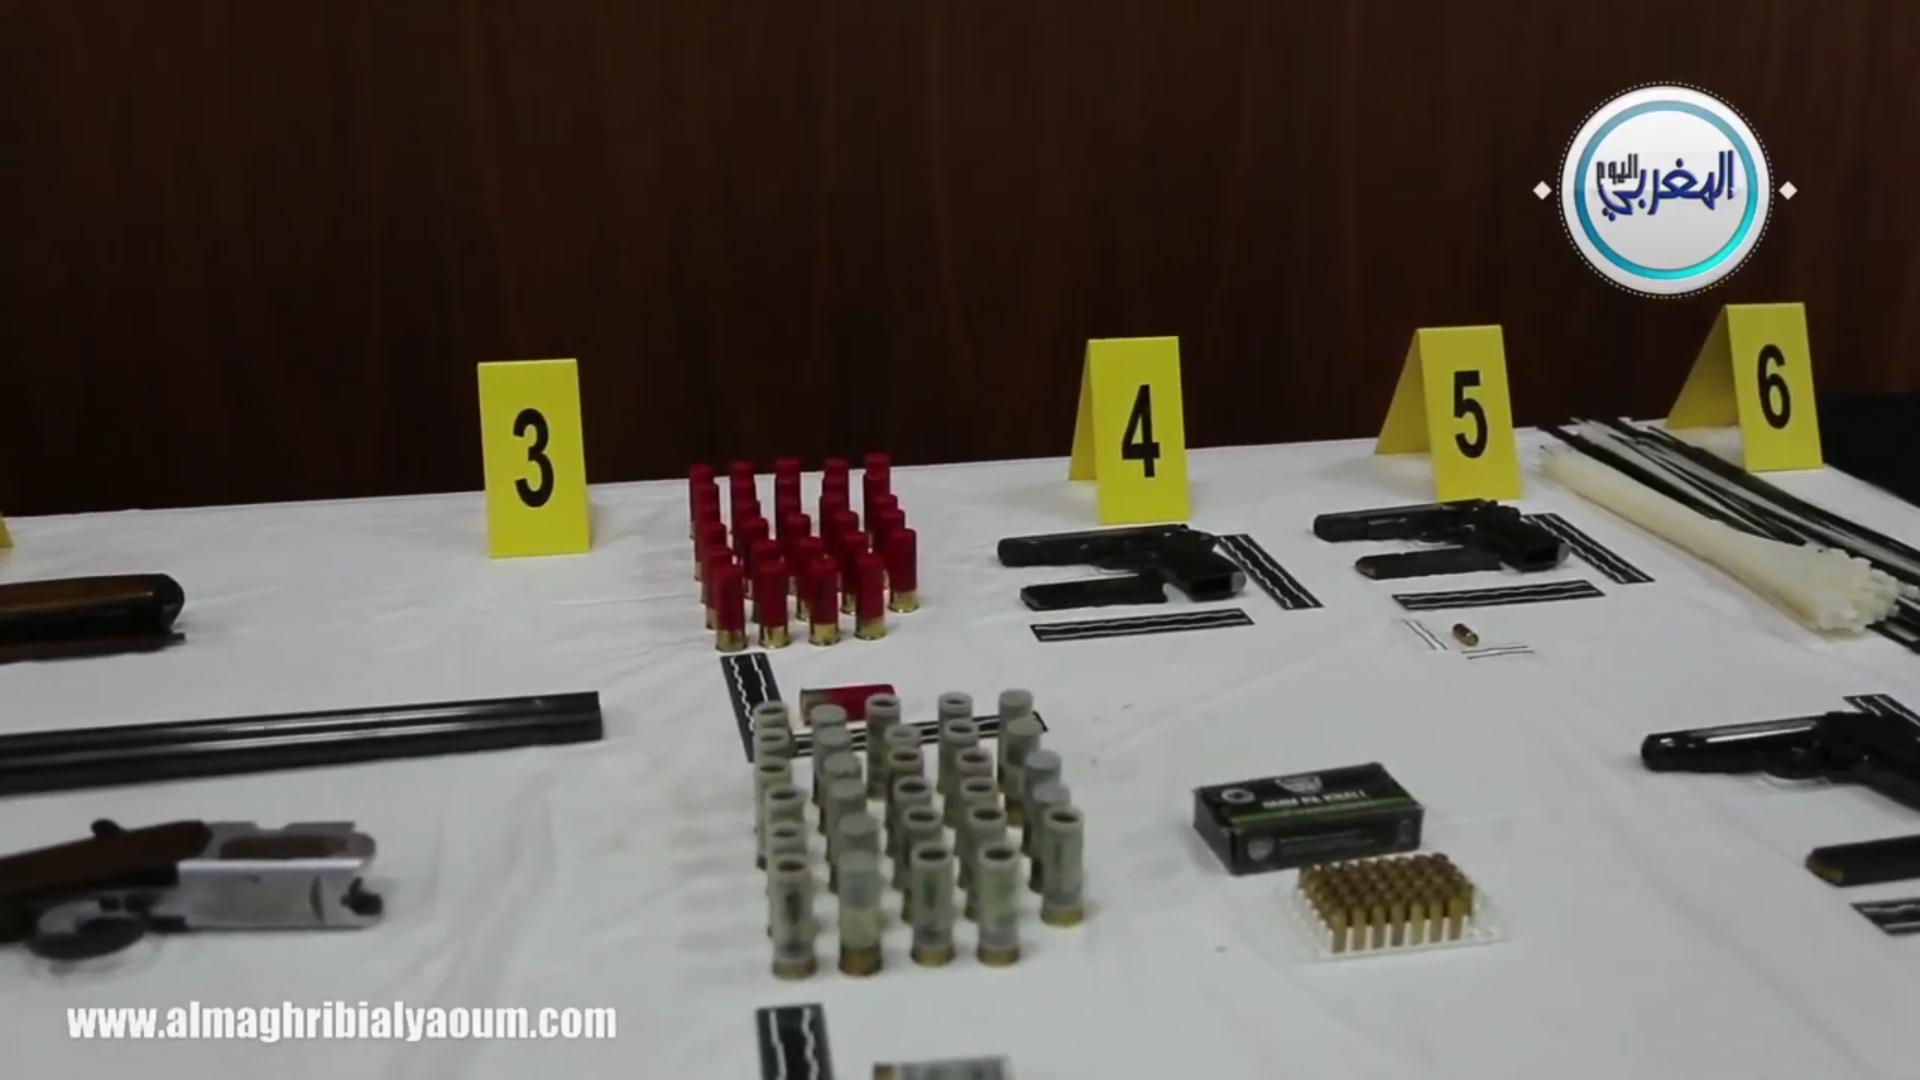 بالفيديو… رجال الخيام يعرضون أسلحة نارية وبيضاء مختلفة الأنواع حجزت لدى أفراد الخلية المفككة